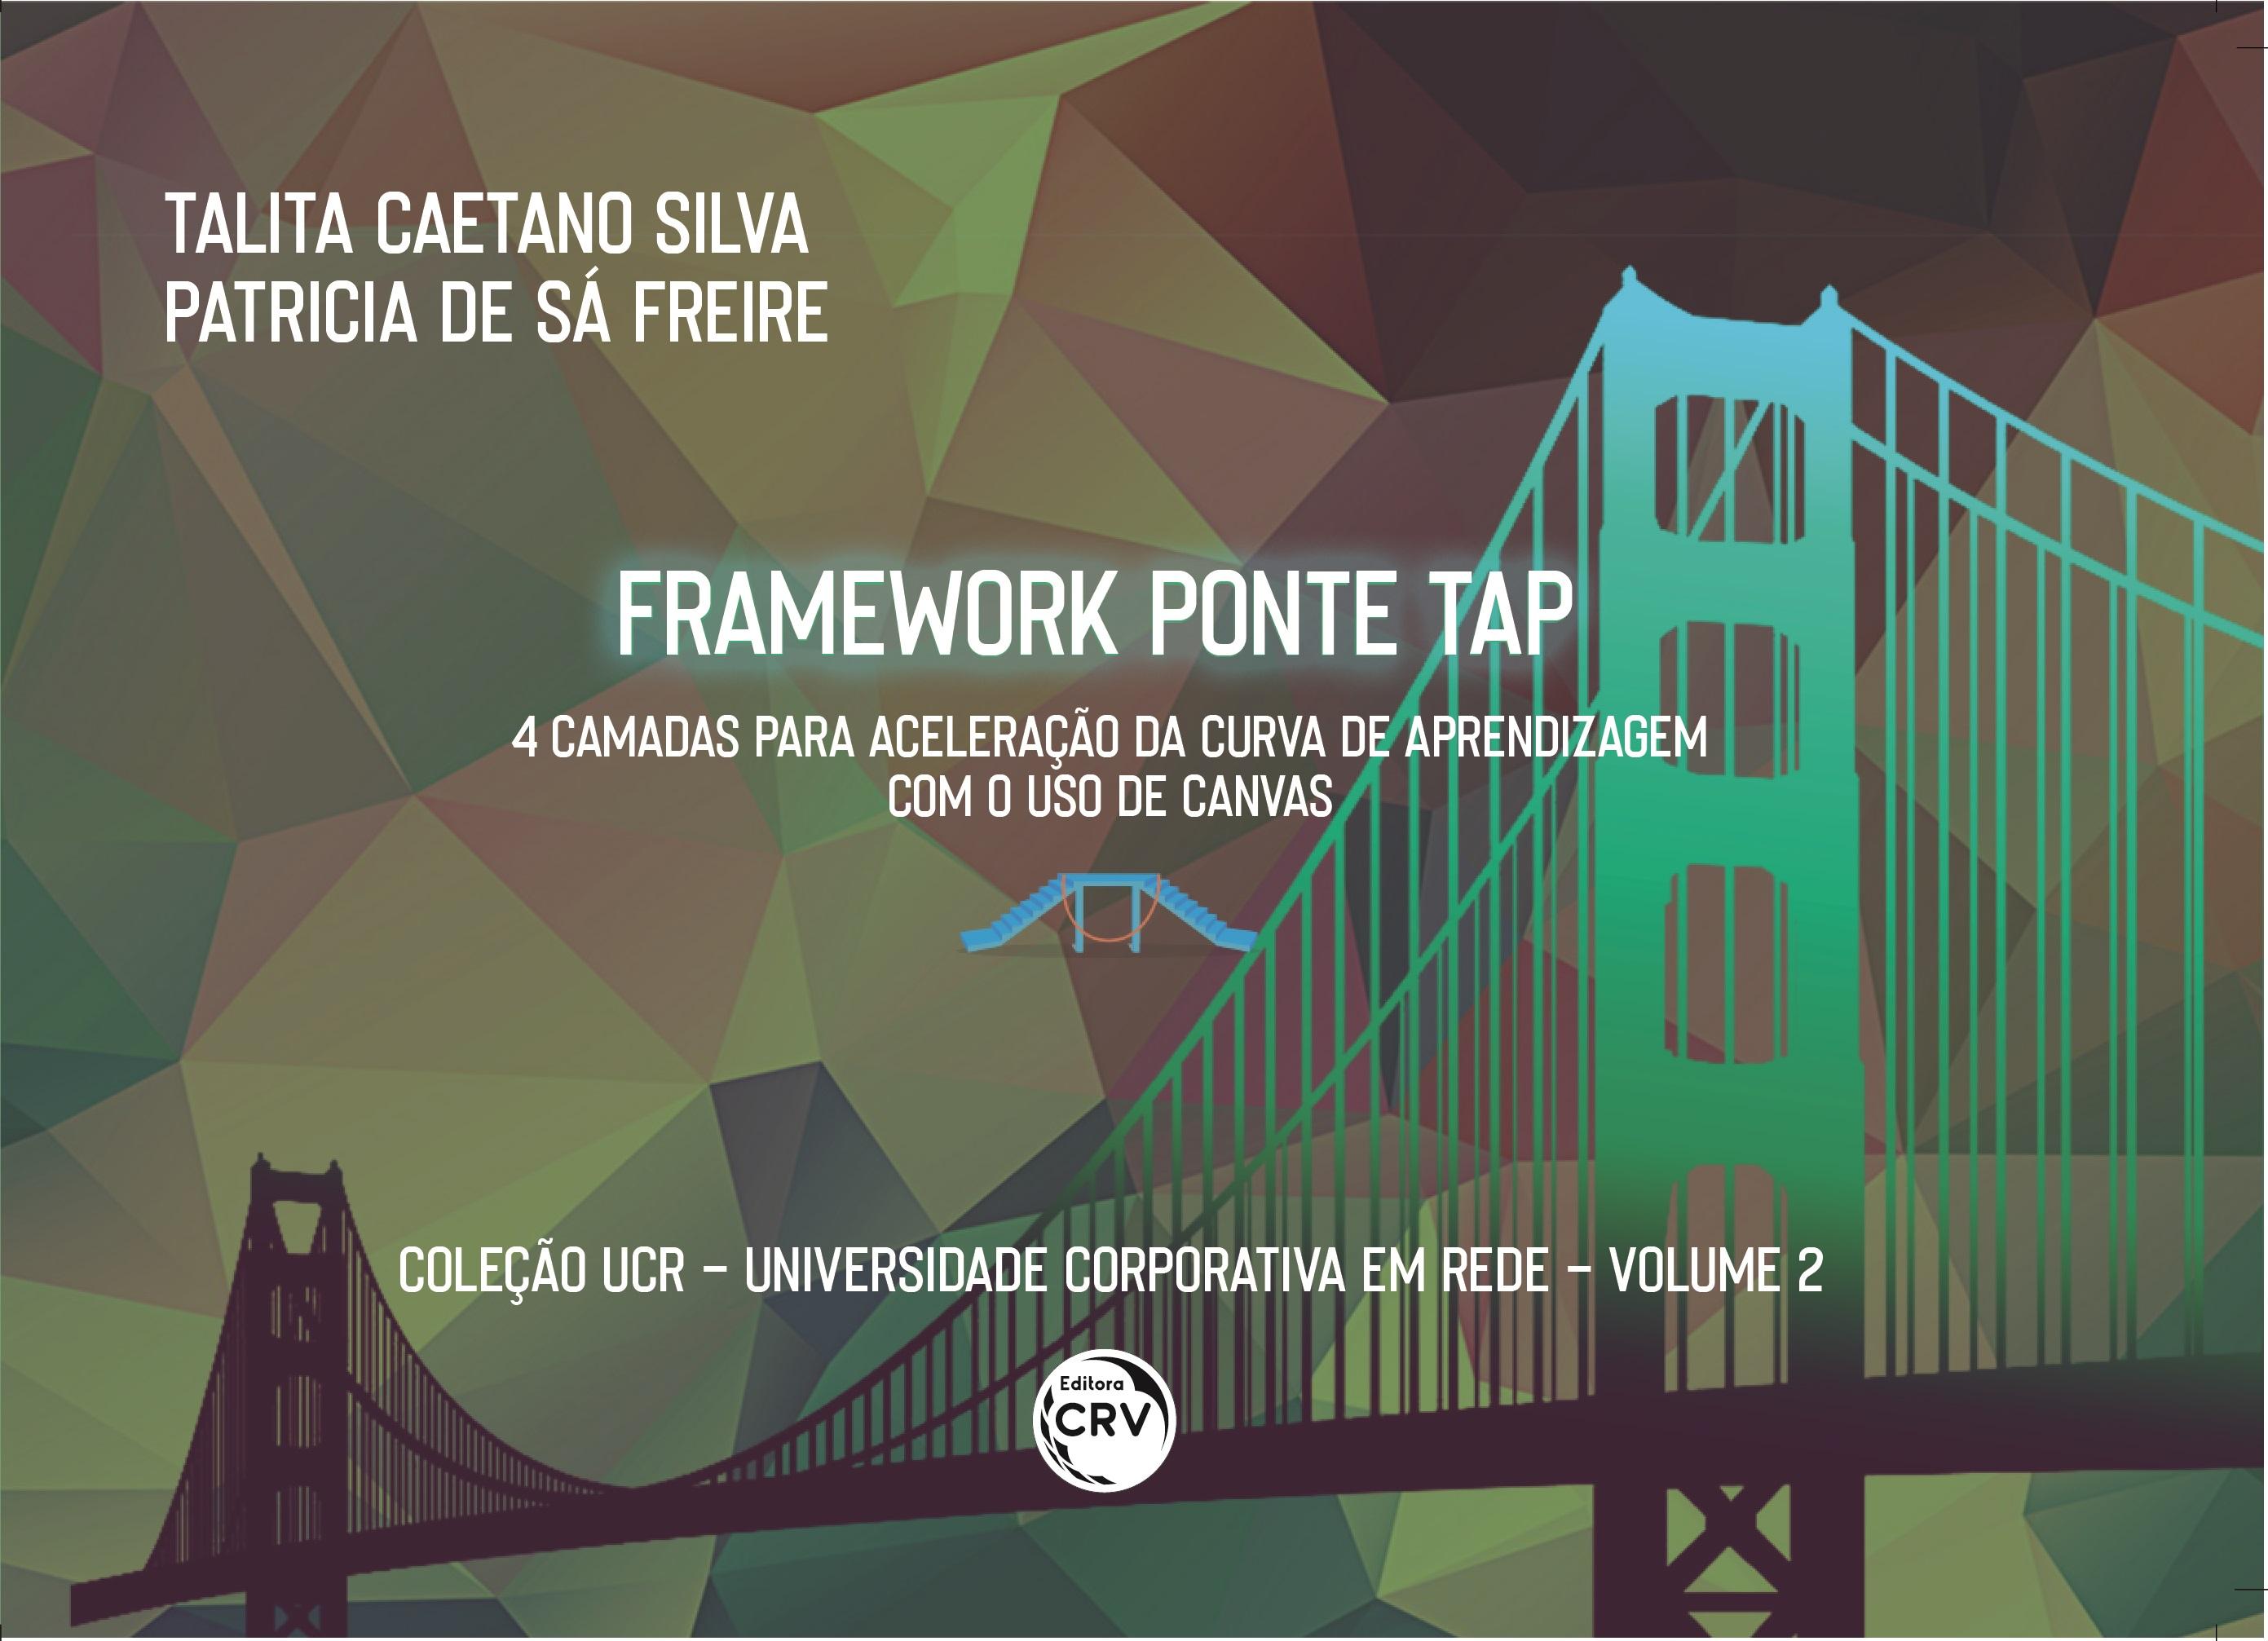 Capa do livro: FRAMEWORK PONTE TAP:<br> 4 camadas para aceleração da curva de aprendizagem com o uso de Canvas <br>Coleção UCR – Universidade Corporativa em Rede <br>Volume 2